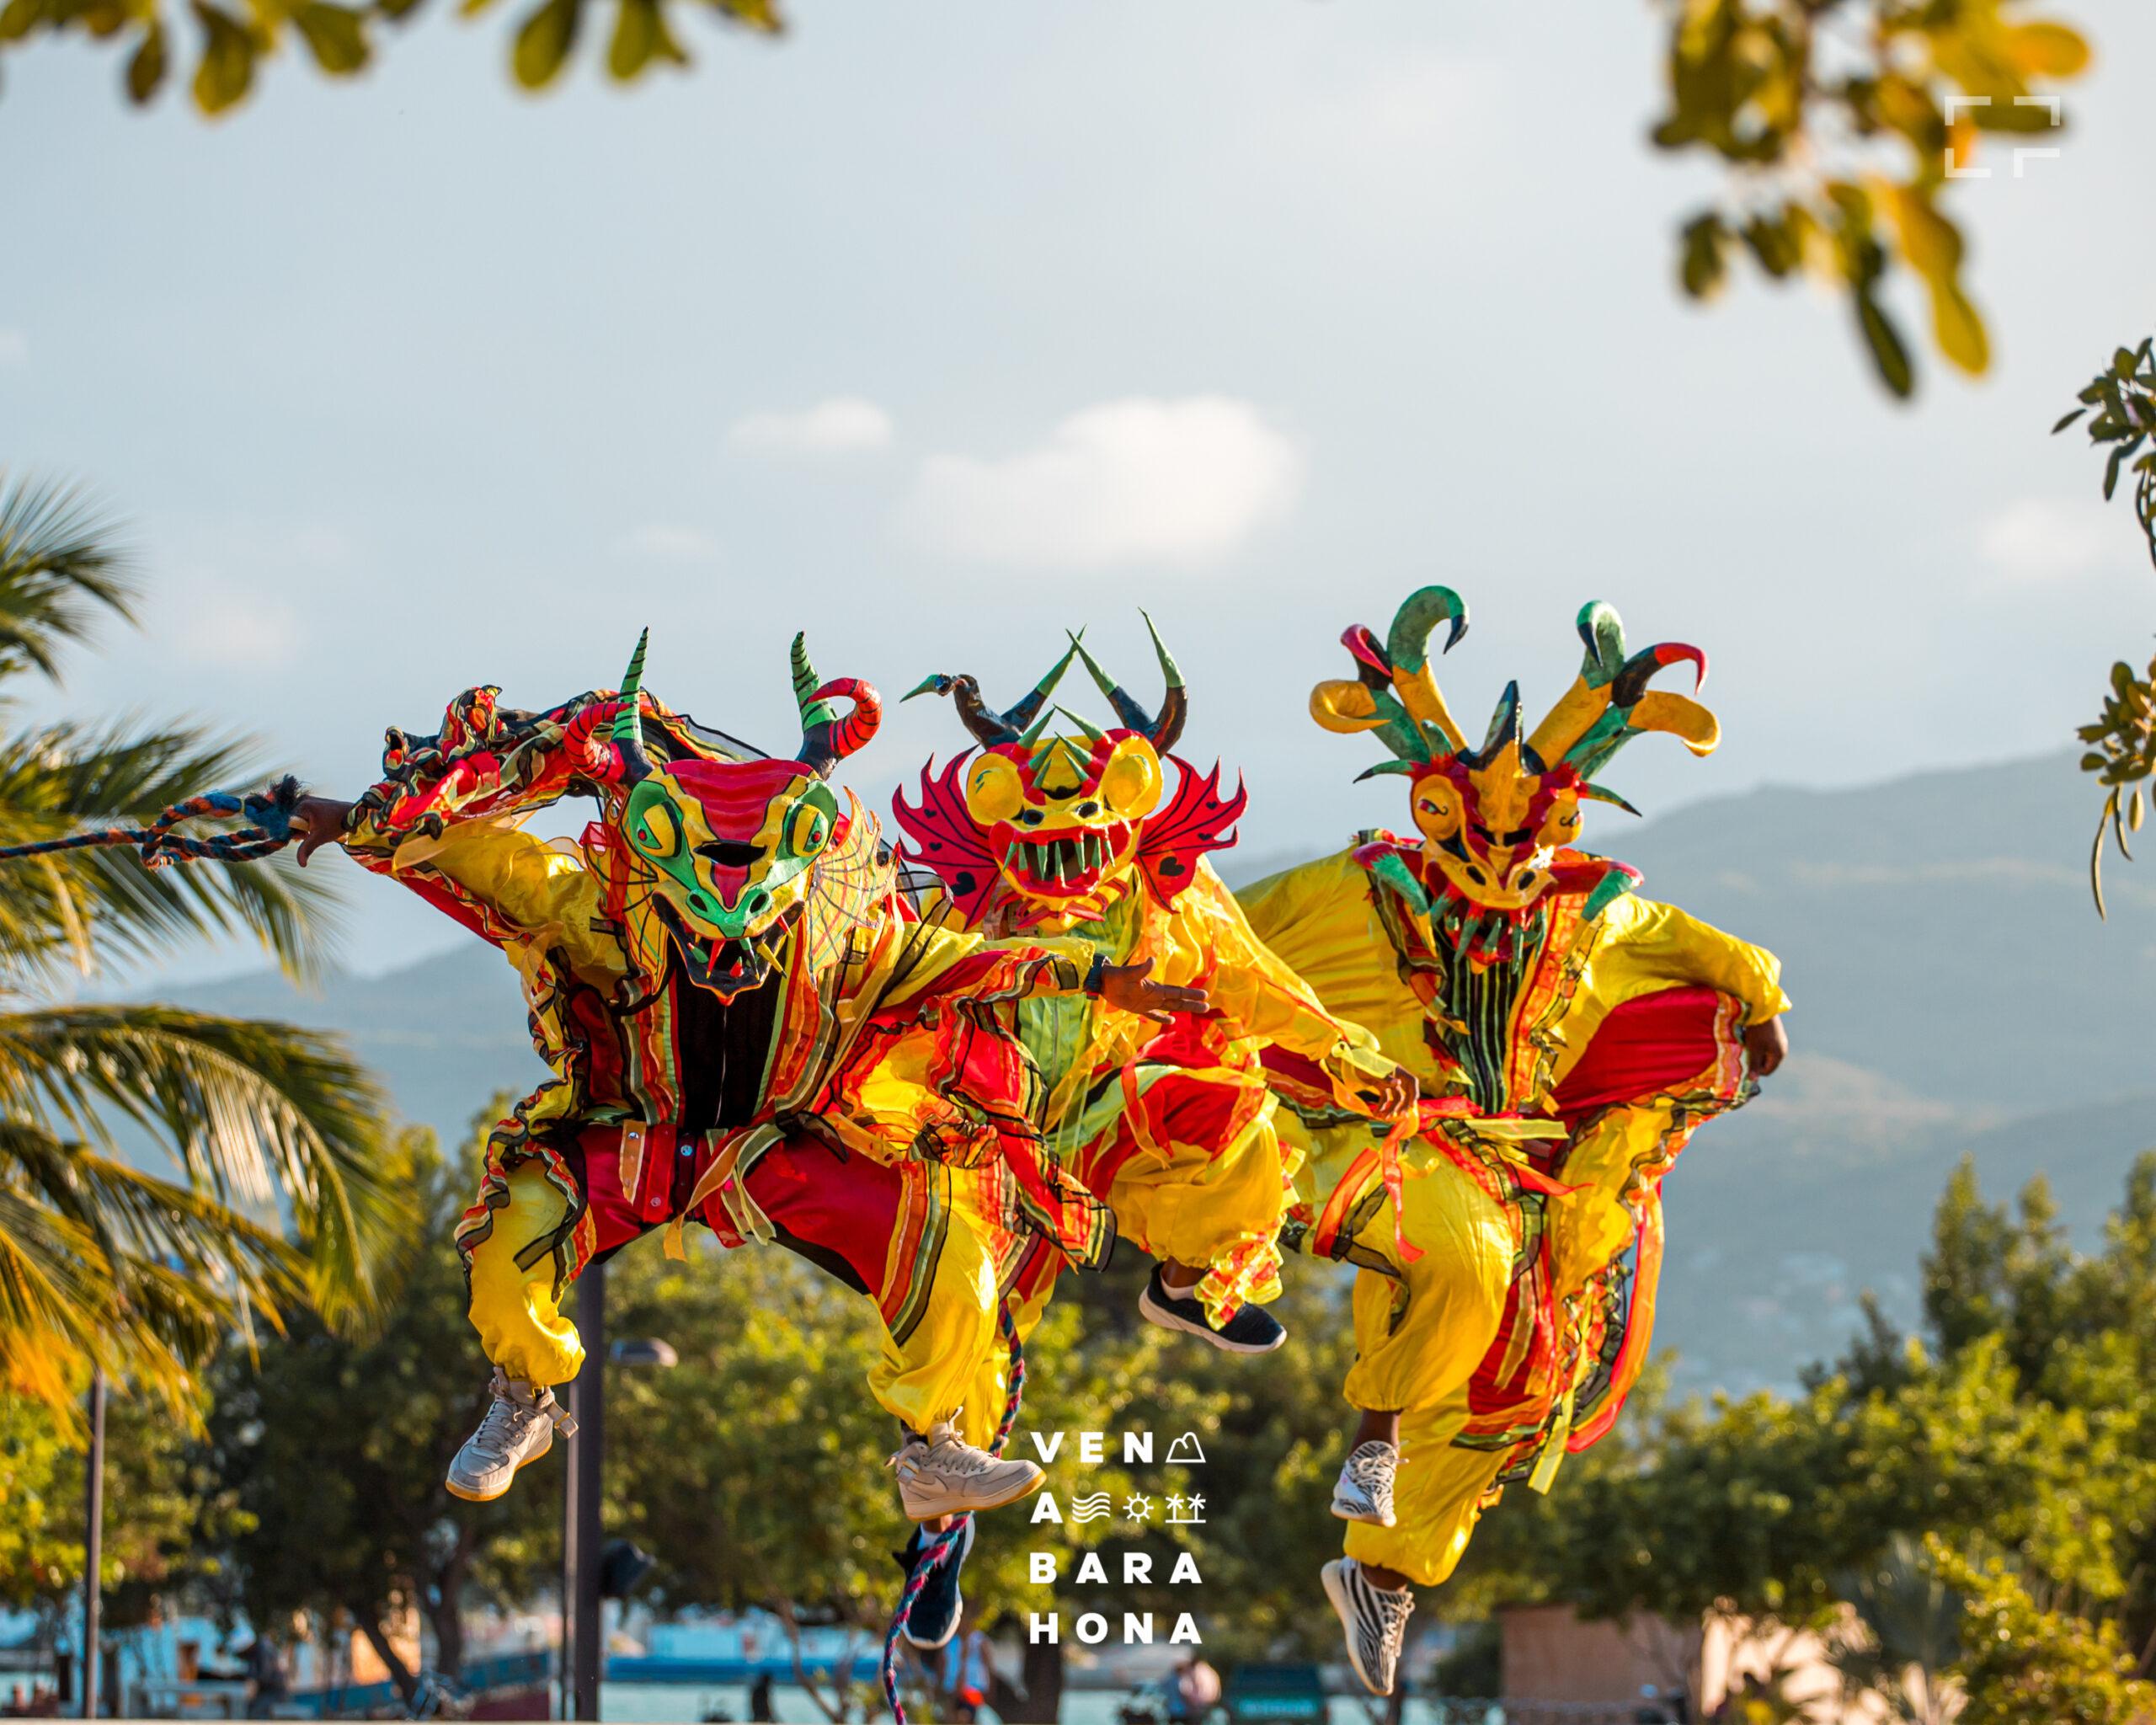 , Barahona Realizó su Carnaval de forma virtual